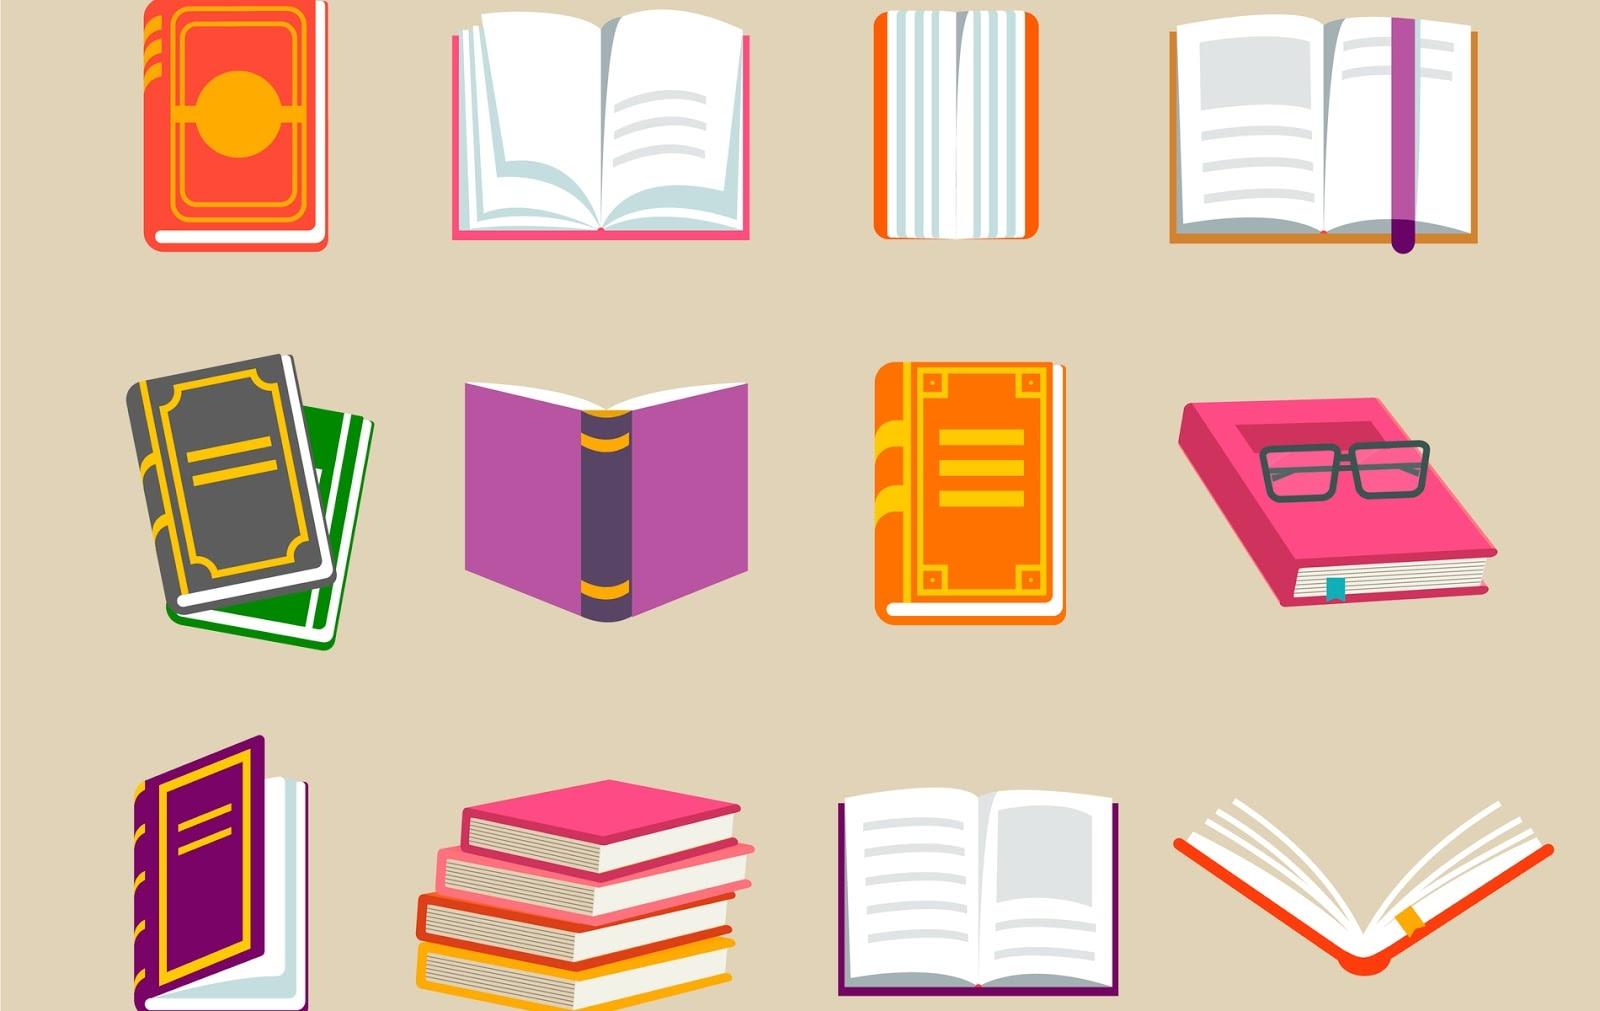 libros lectura mundo recurso